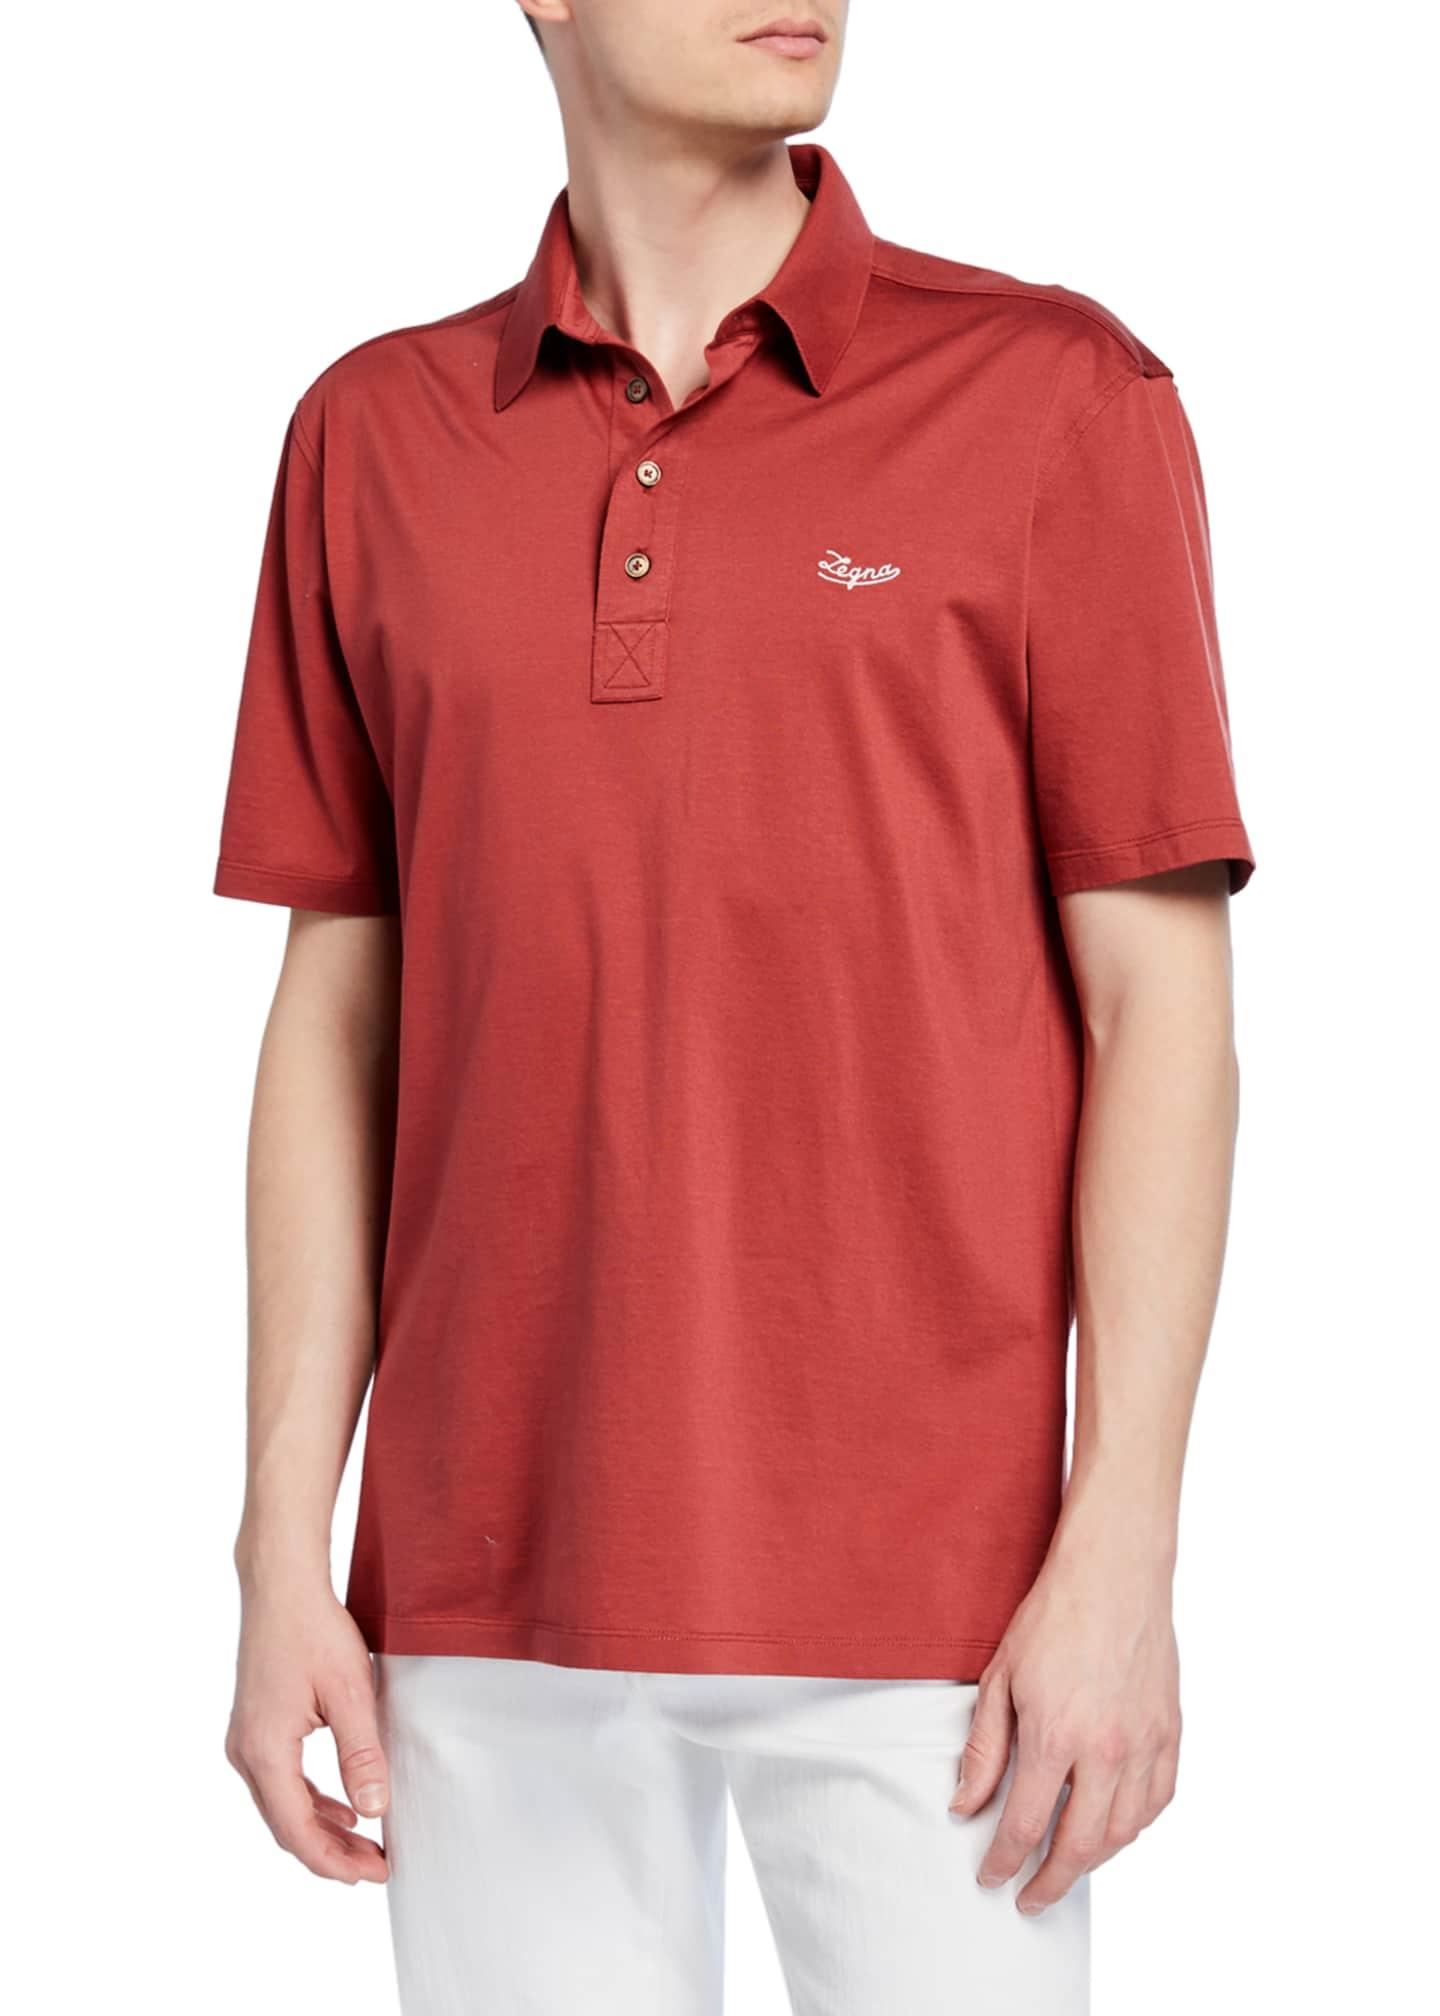 Ermenegildo Zegna Men's Mercerized Cotton Polo Shirt